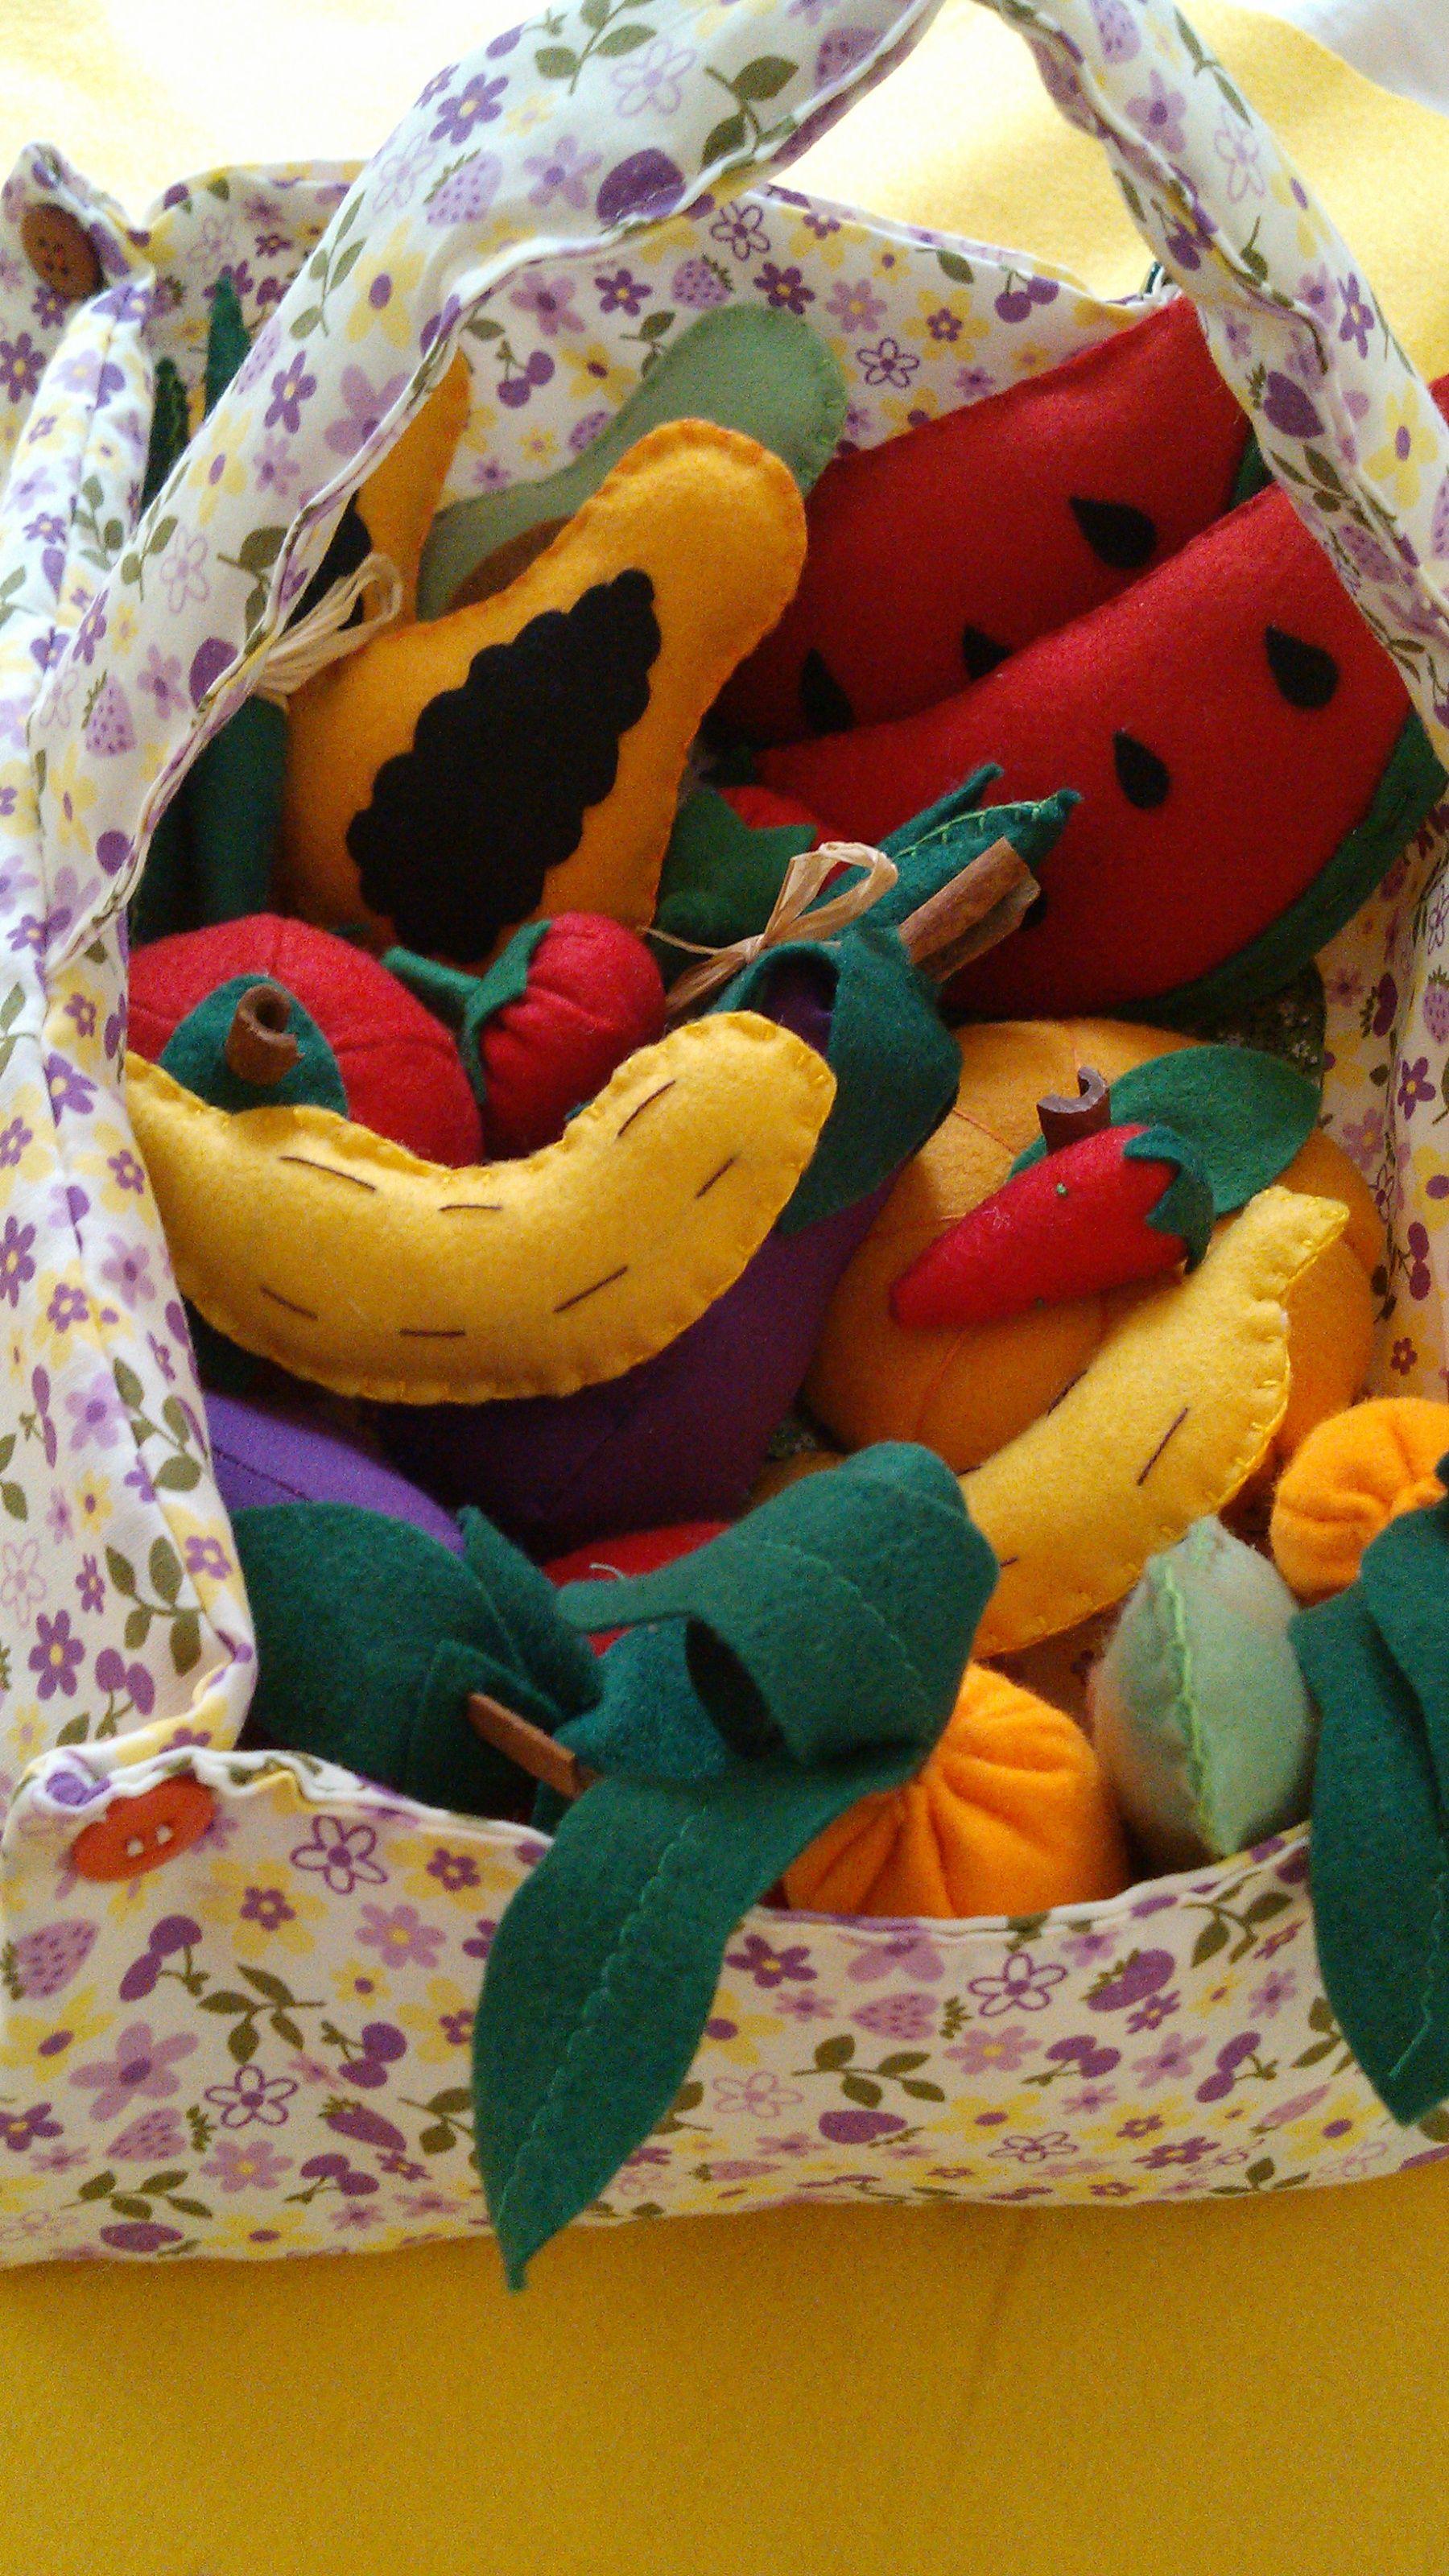 cesta de tecido com legumes e frutas de tecido e feltro